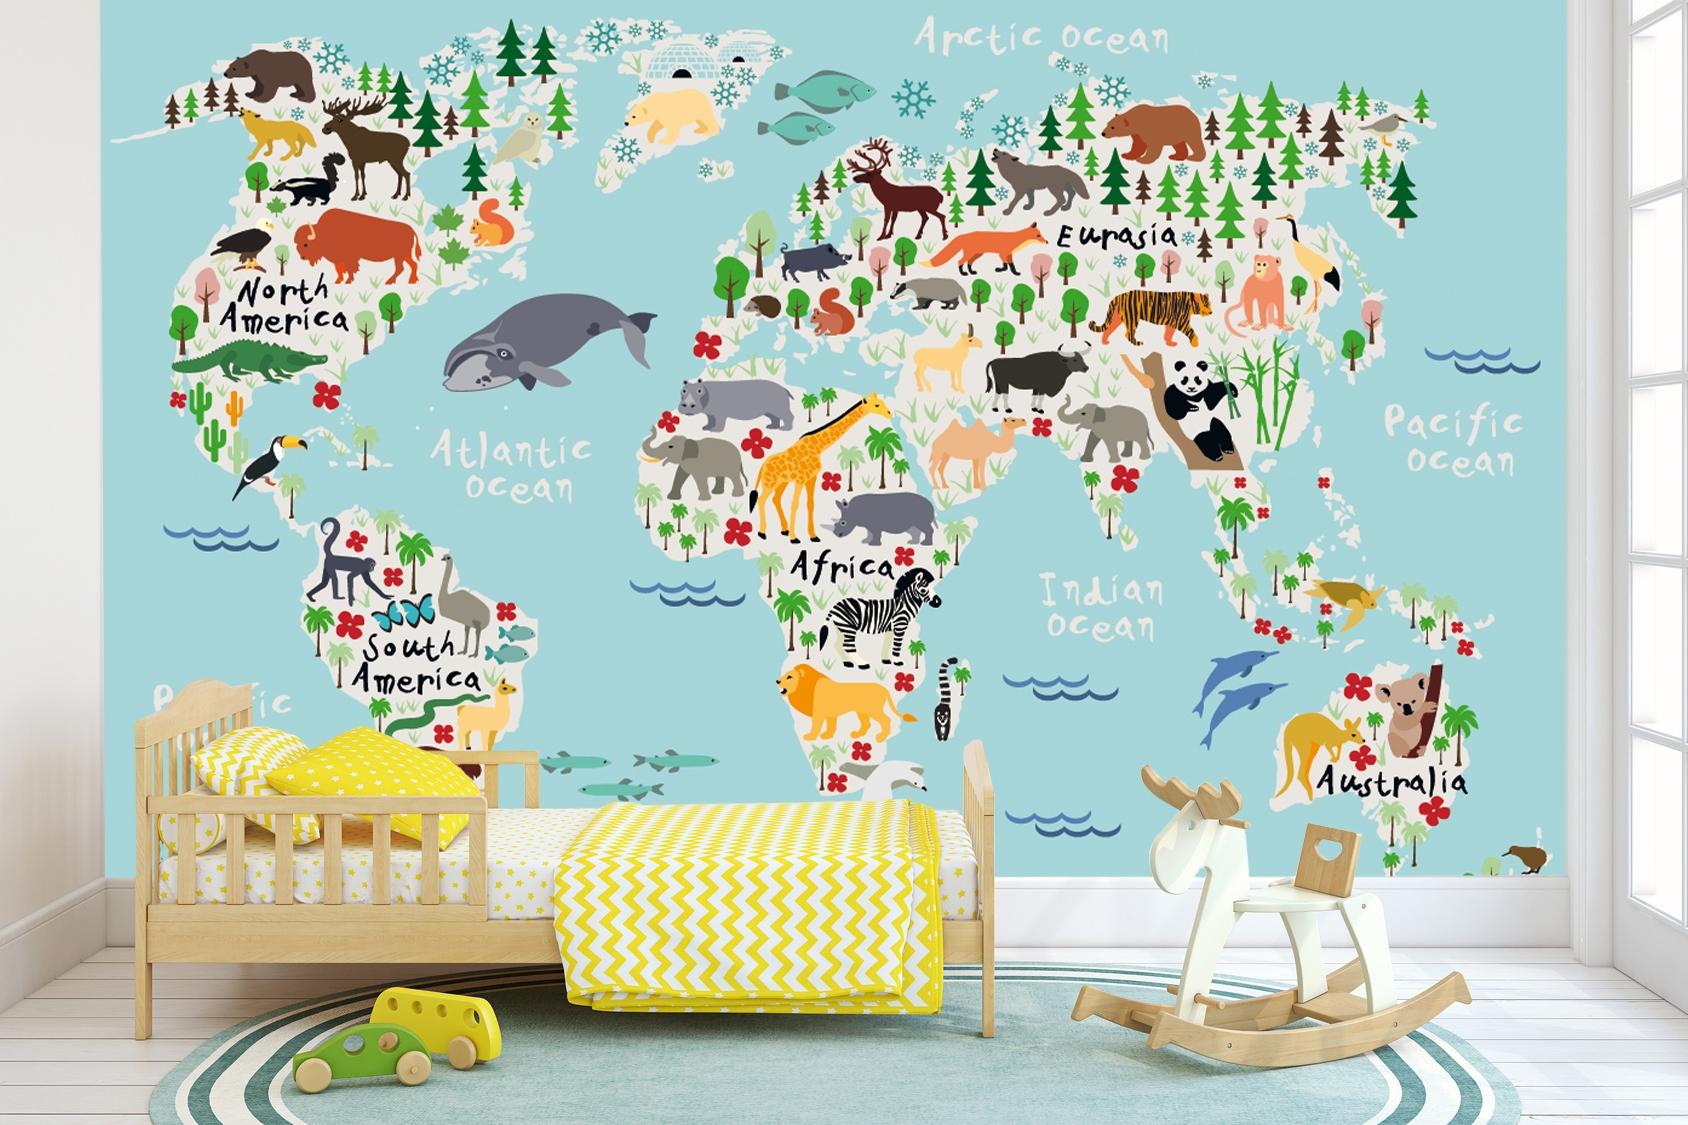 Vlies fotobehang Wereldkaart dierenrijk